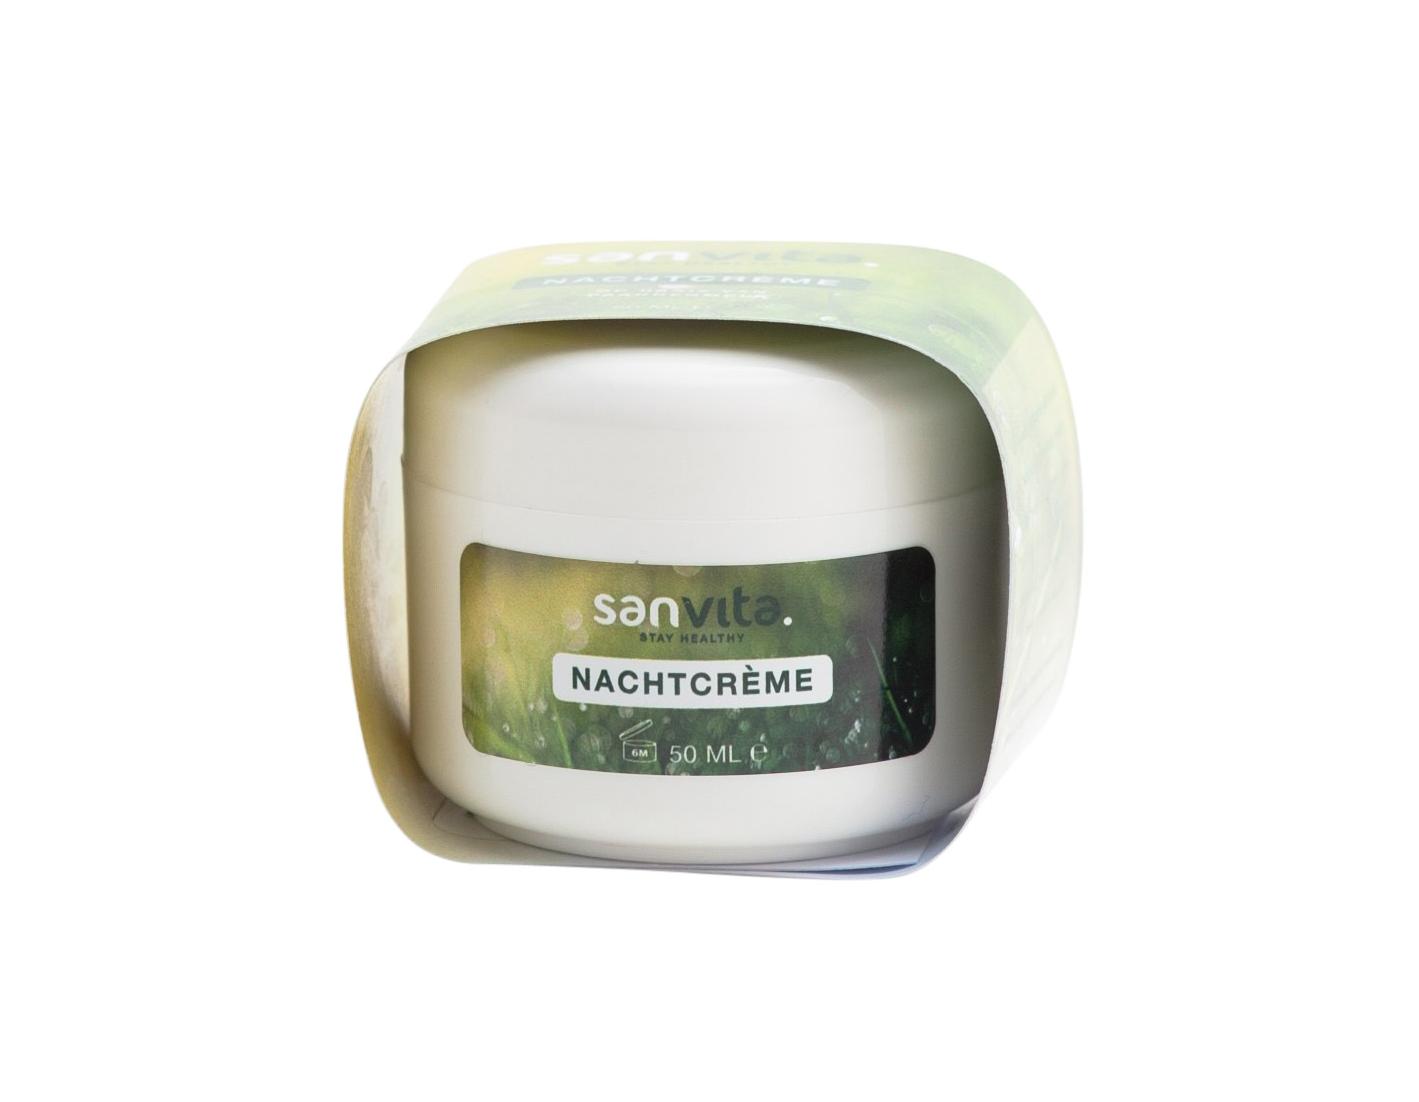 natuurlijke paardenmelk nachtcreme tegen acne